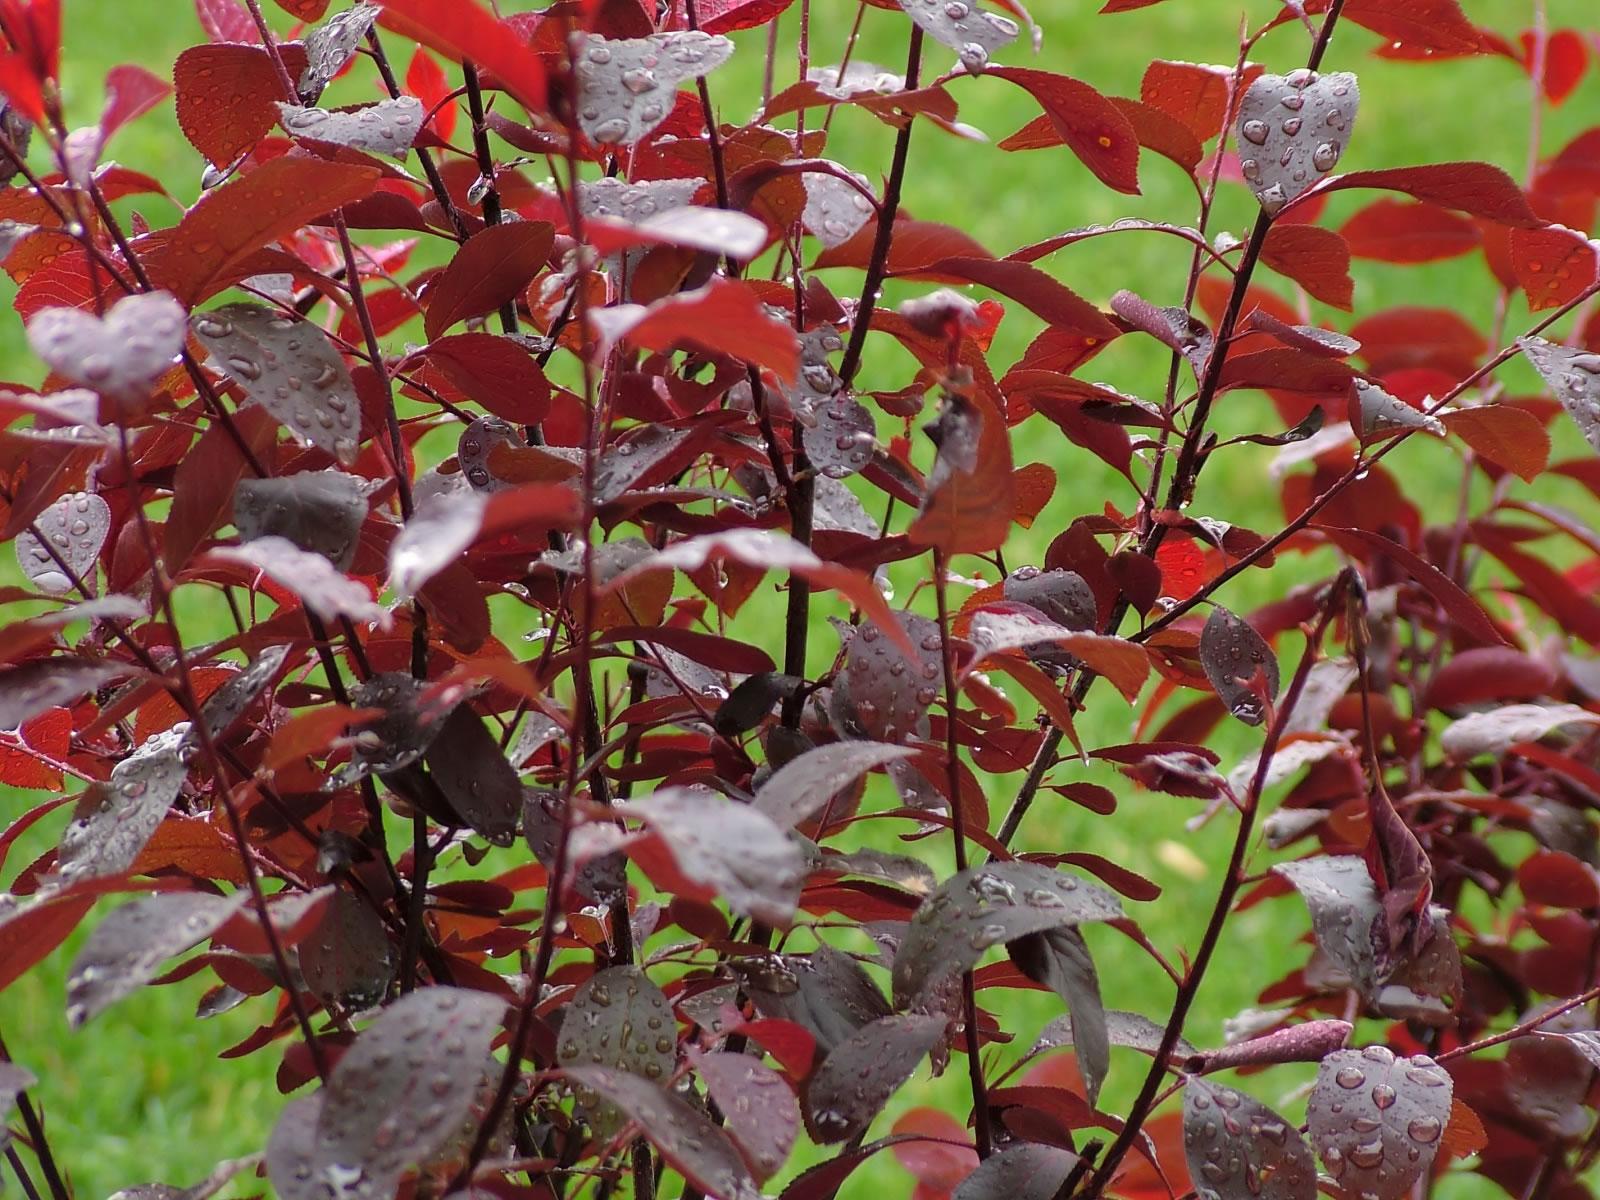 Crimson Shrub After Rainfall